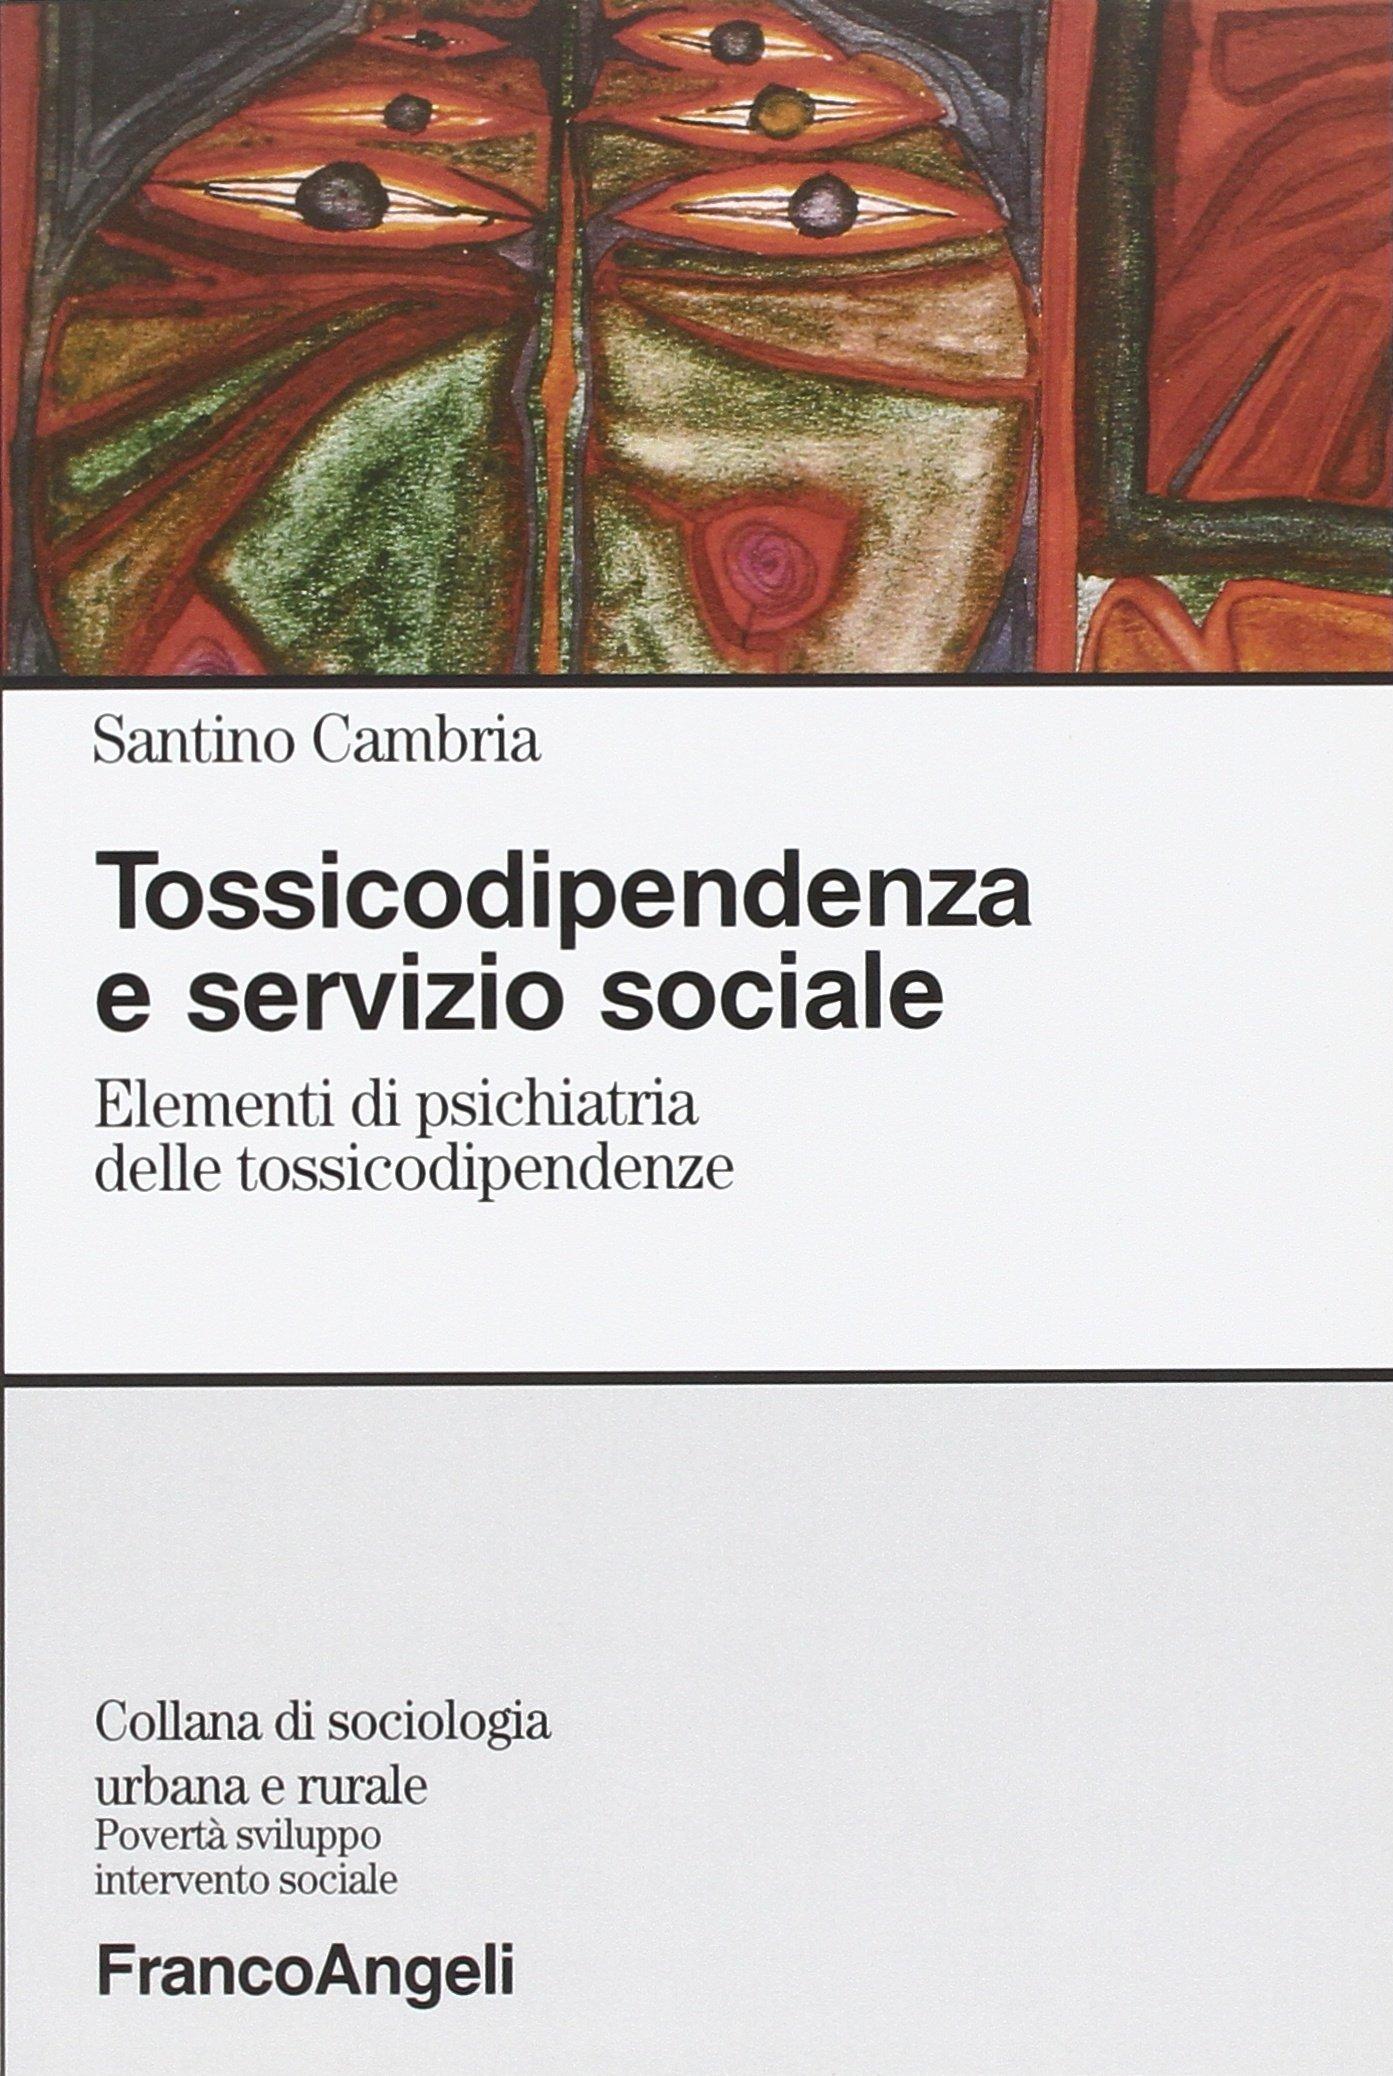 Tossicodipendenza e servizio sociale. Elementi di psichiatria delle tossicodipendenze (Sociologia urbana e rurale-Sez. 3)